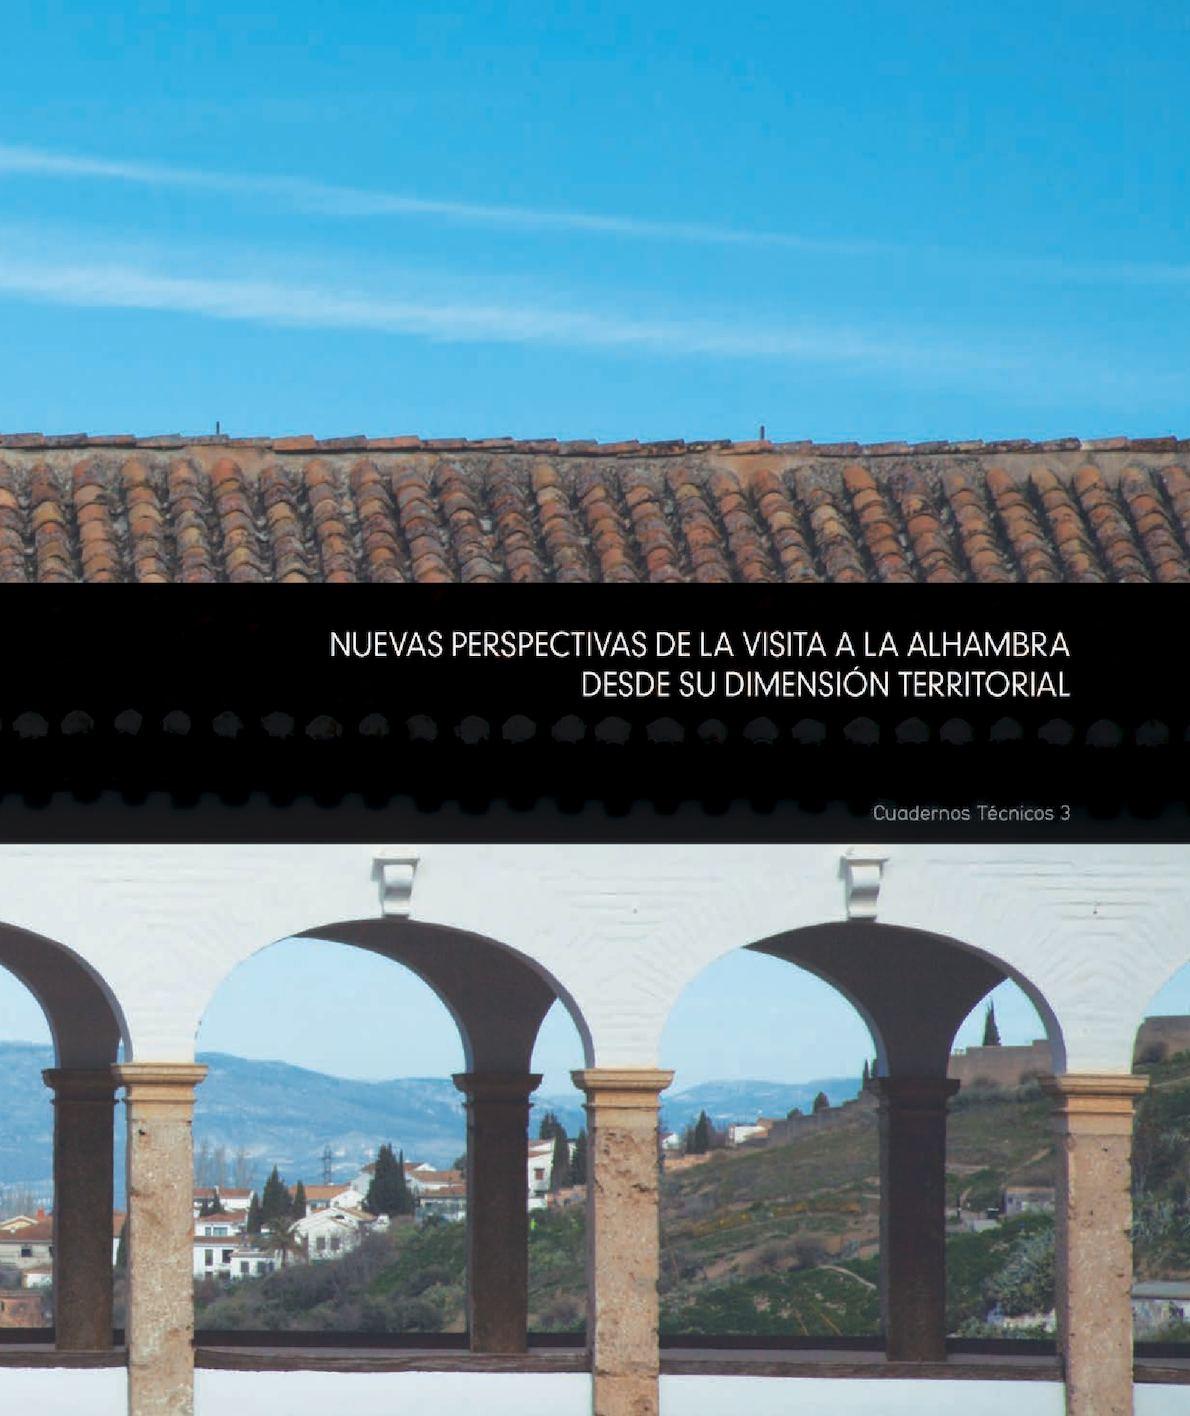 N.º 3. Nuevas perspectivas de la visita a la Alhambra desde su dimensión territorial